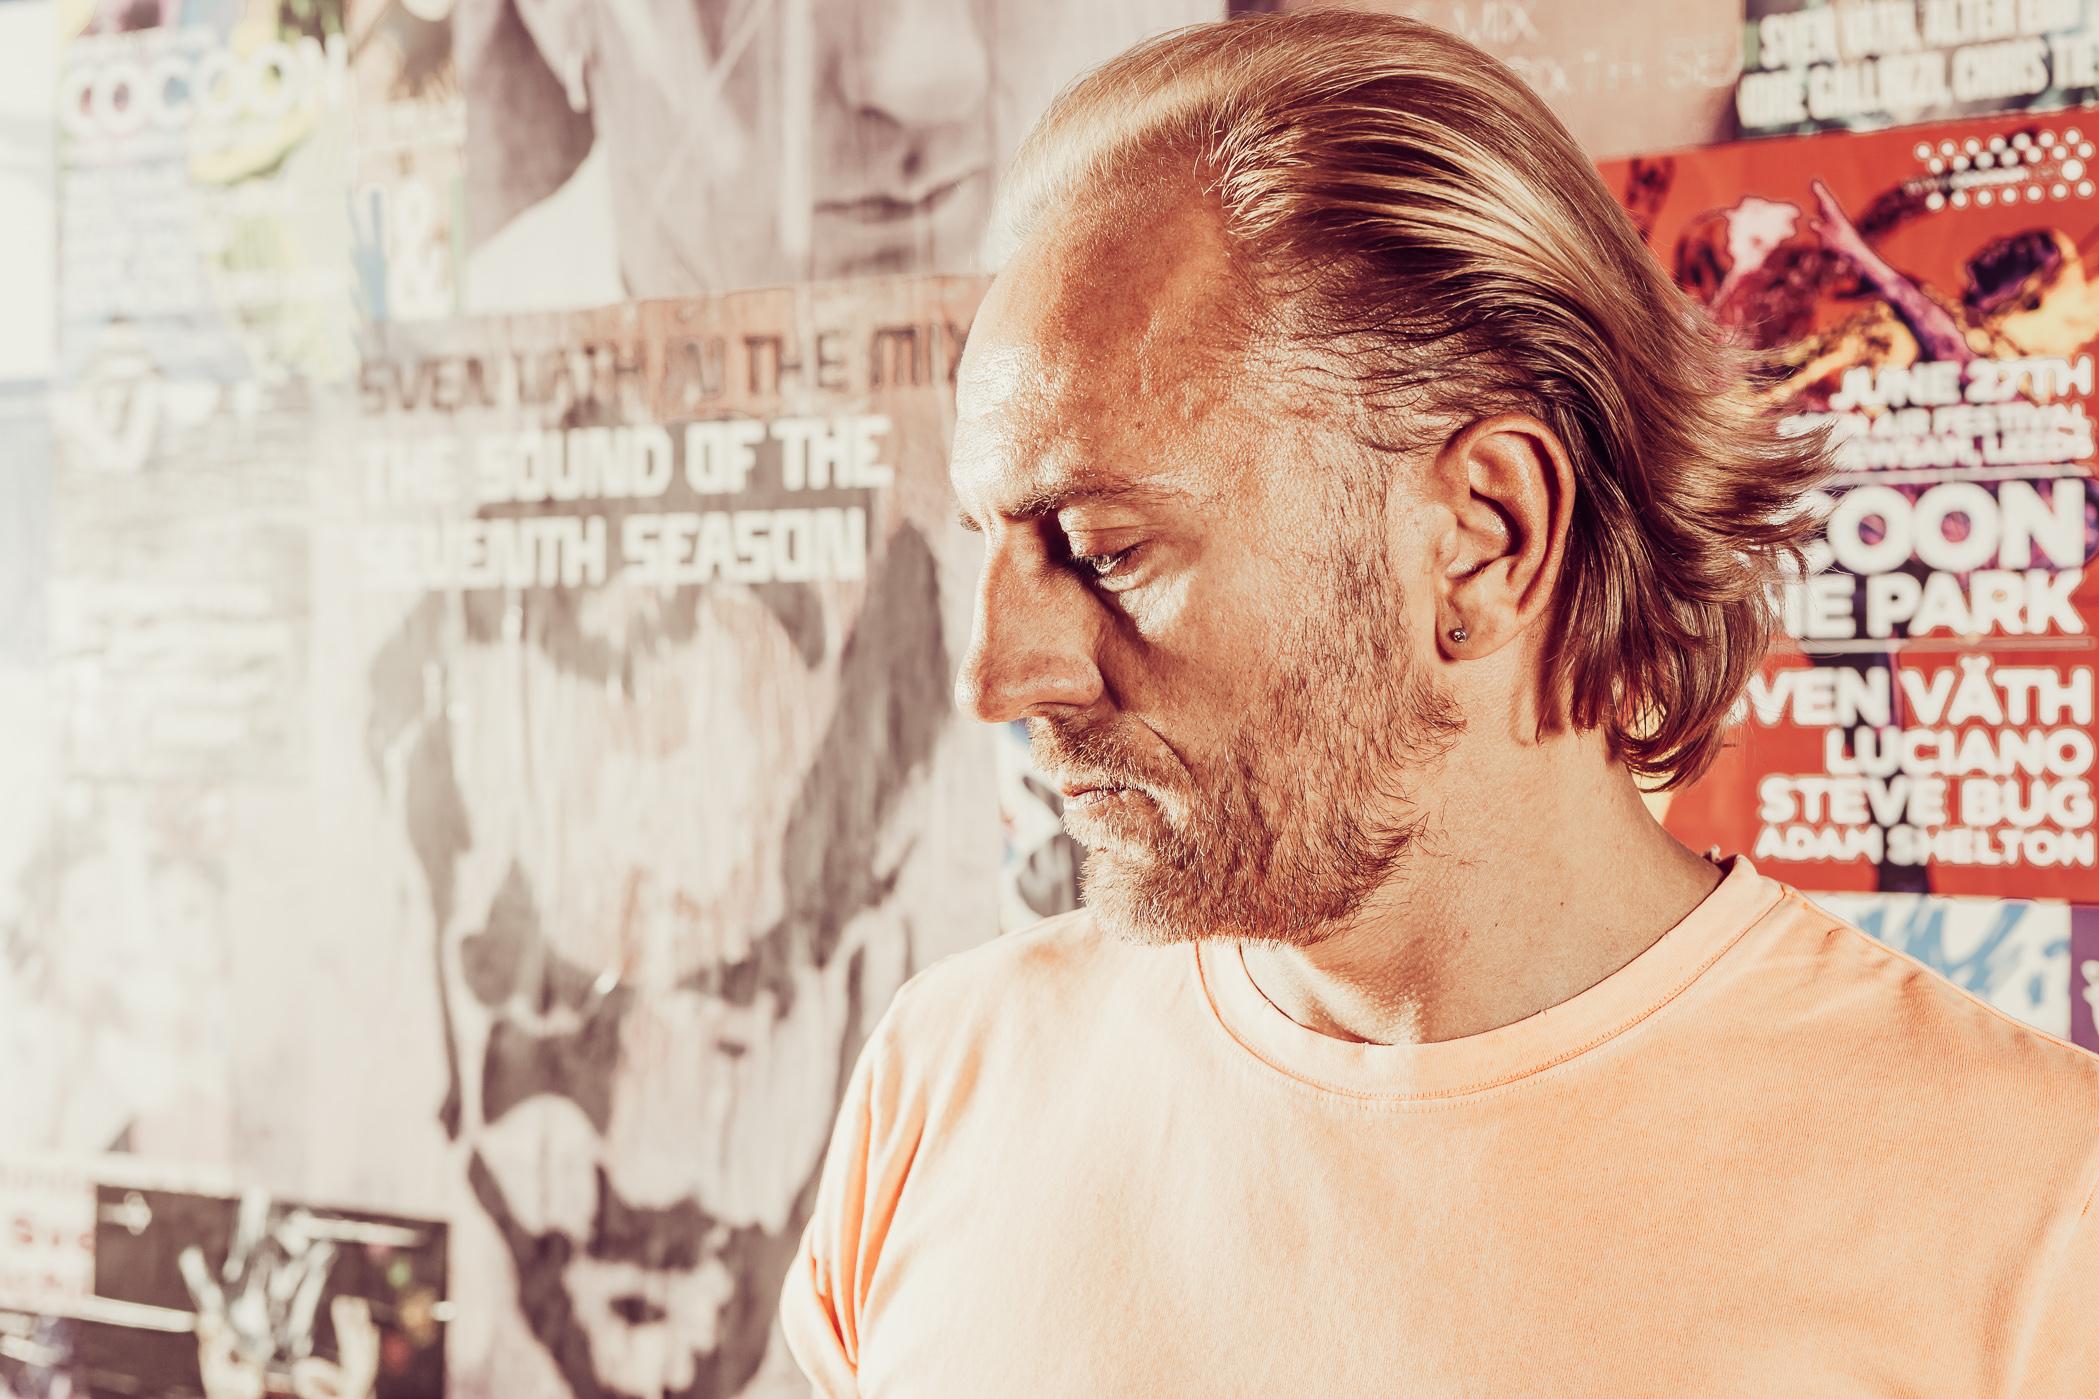 Sven Väth, DJ, Florian Kresse, Portrait, Dreier, Peoplefotografie, Portraitfotografie, Frankfurt, Cocoon